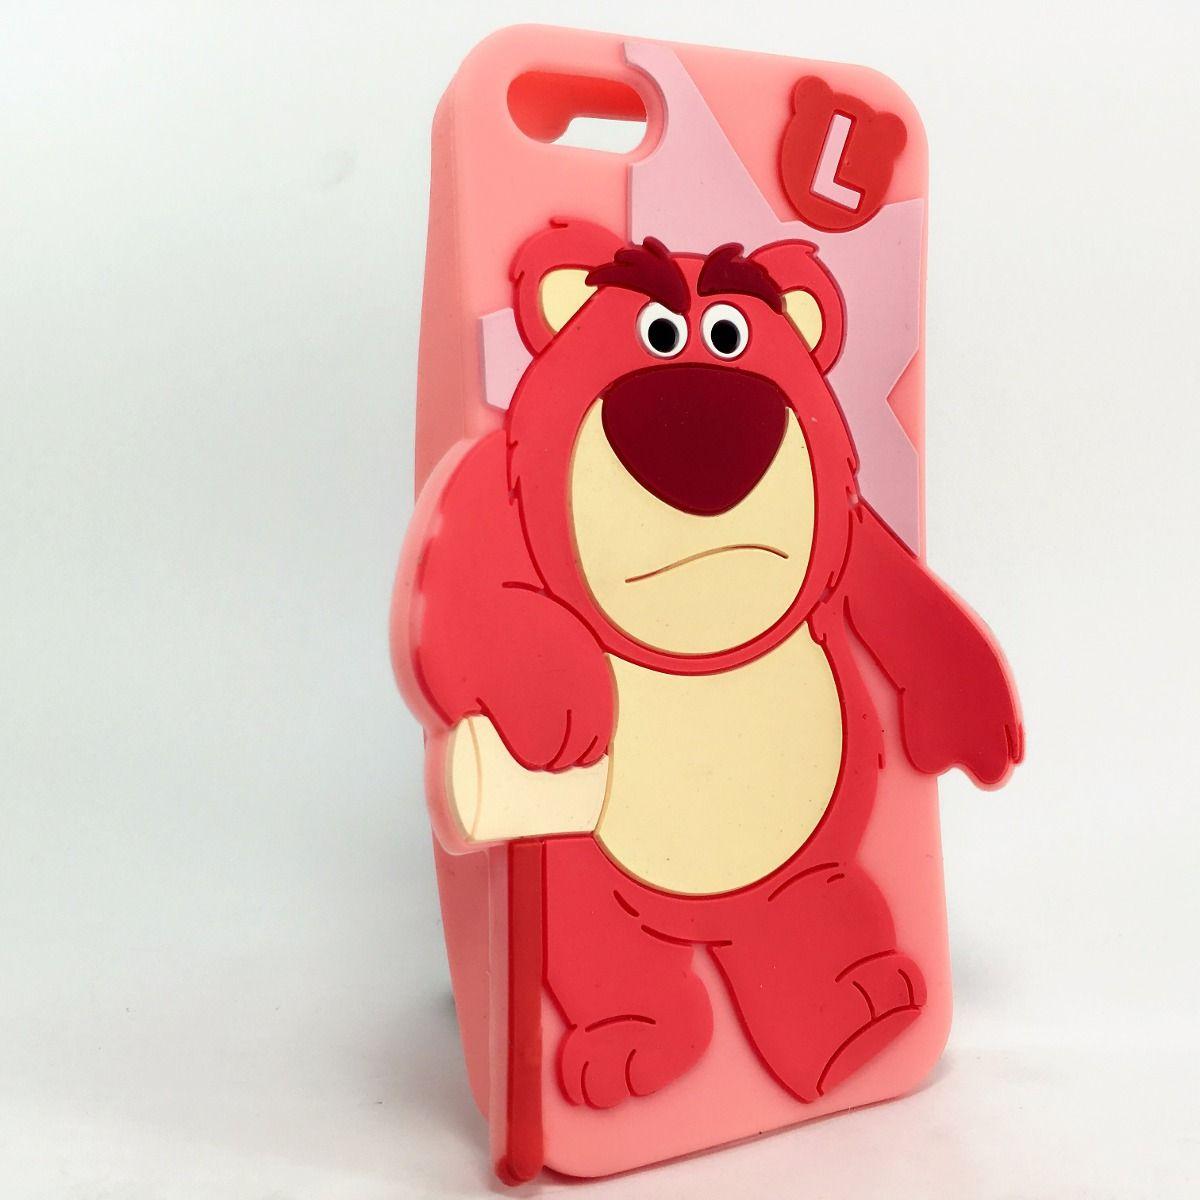 Funda Iphone 6 Disney - Accesorios para Celulares en Mercado Libre